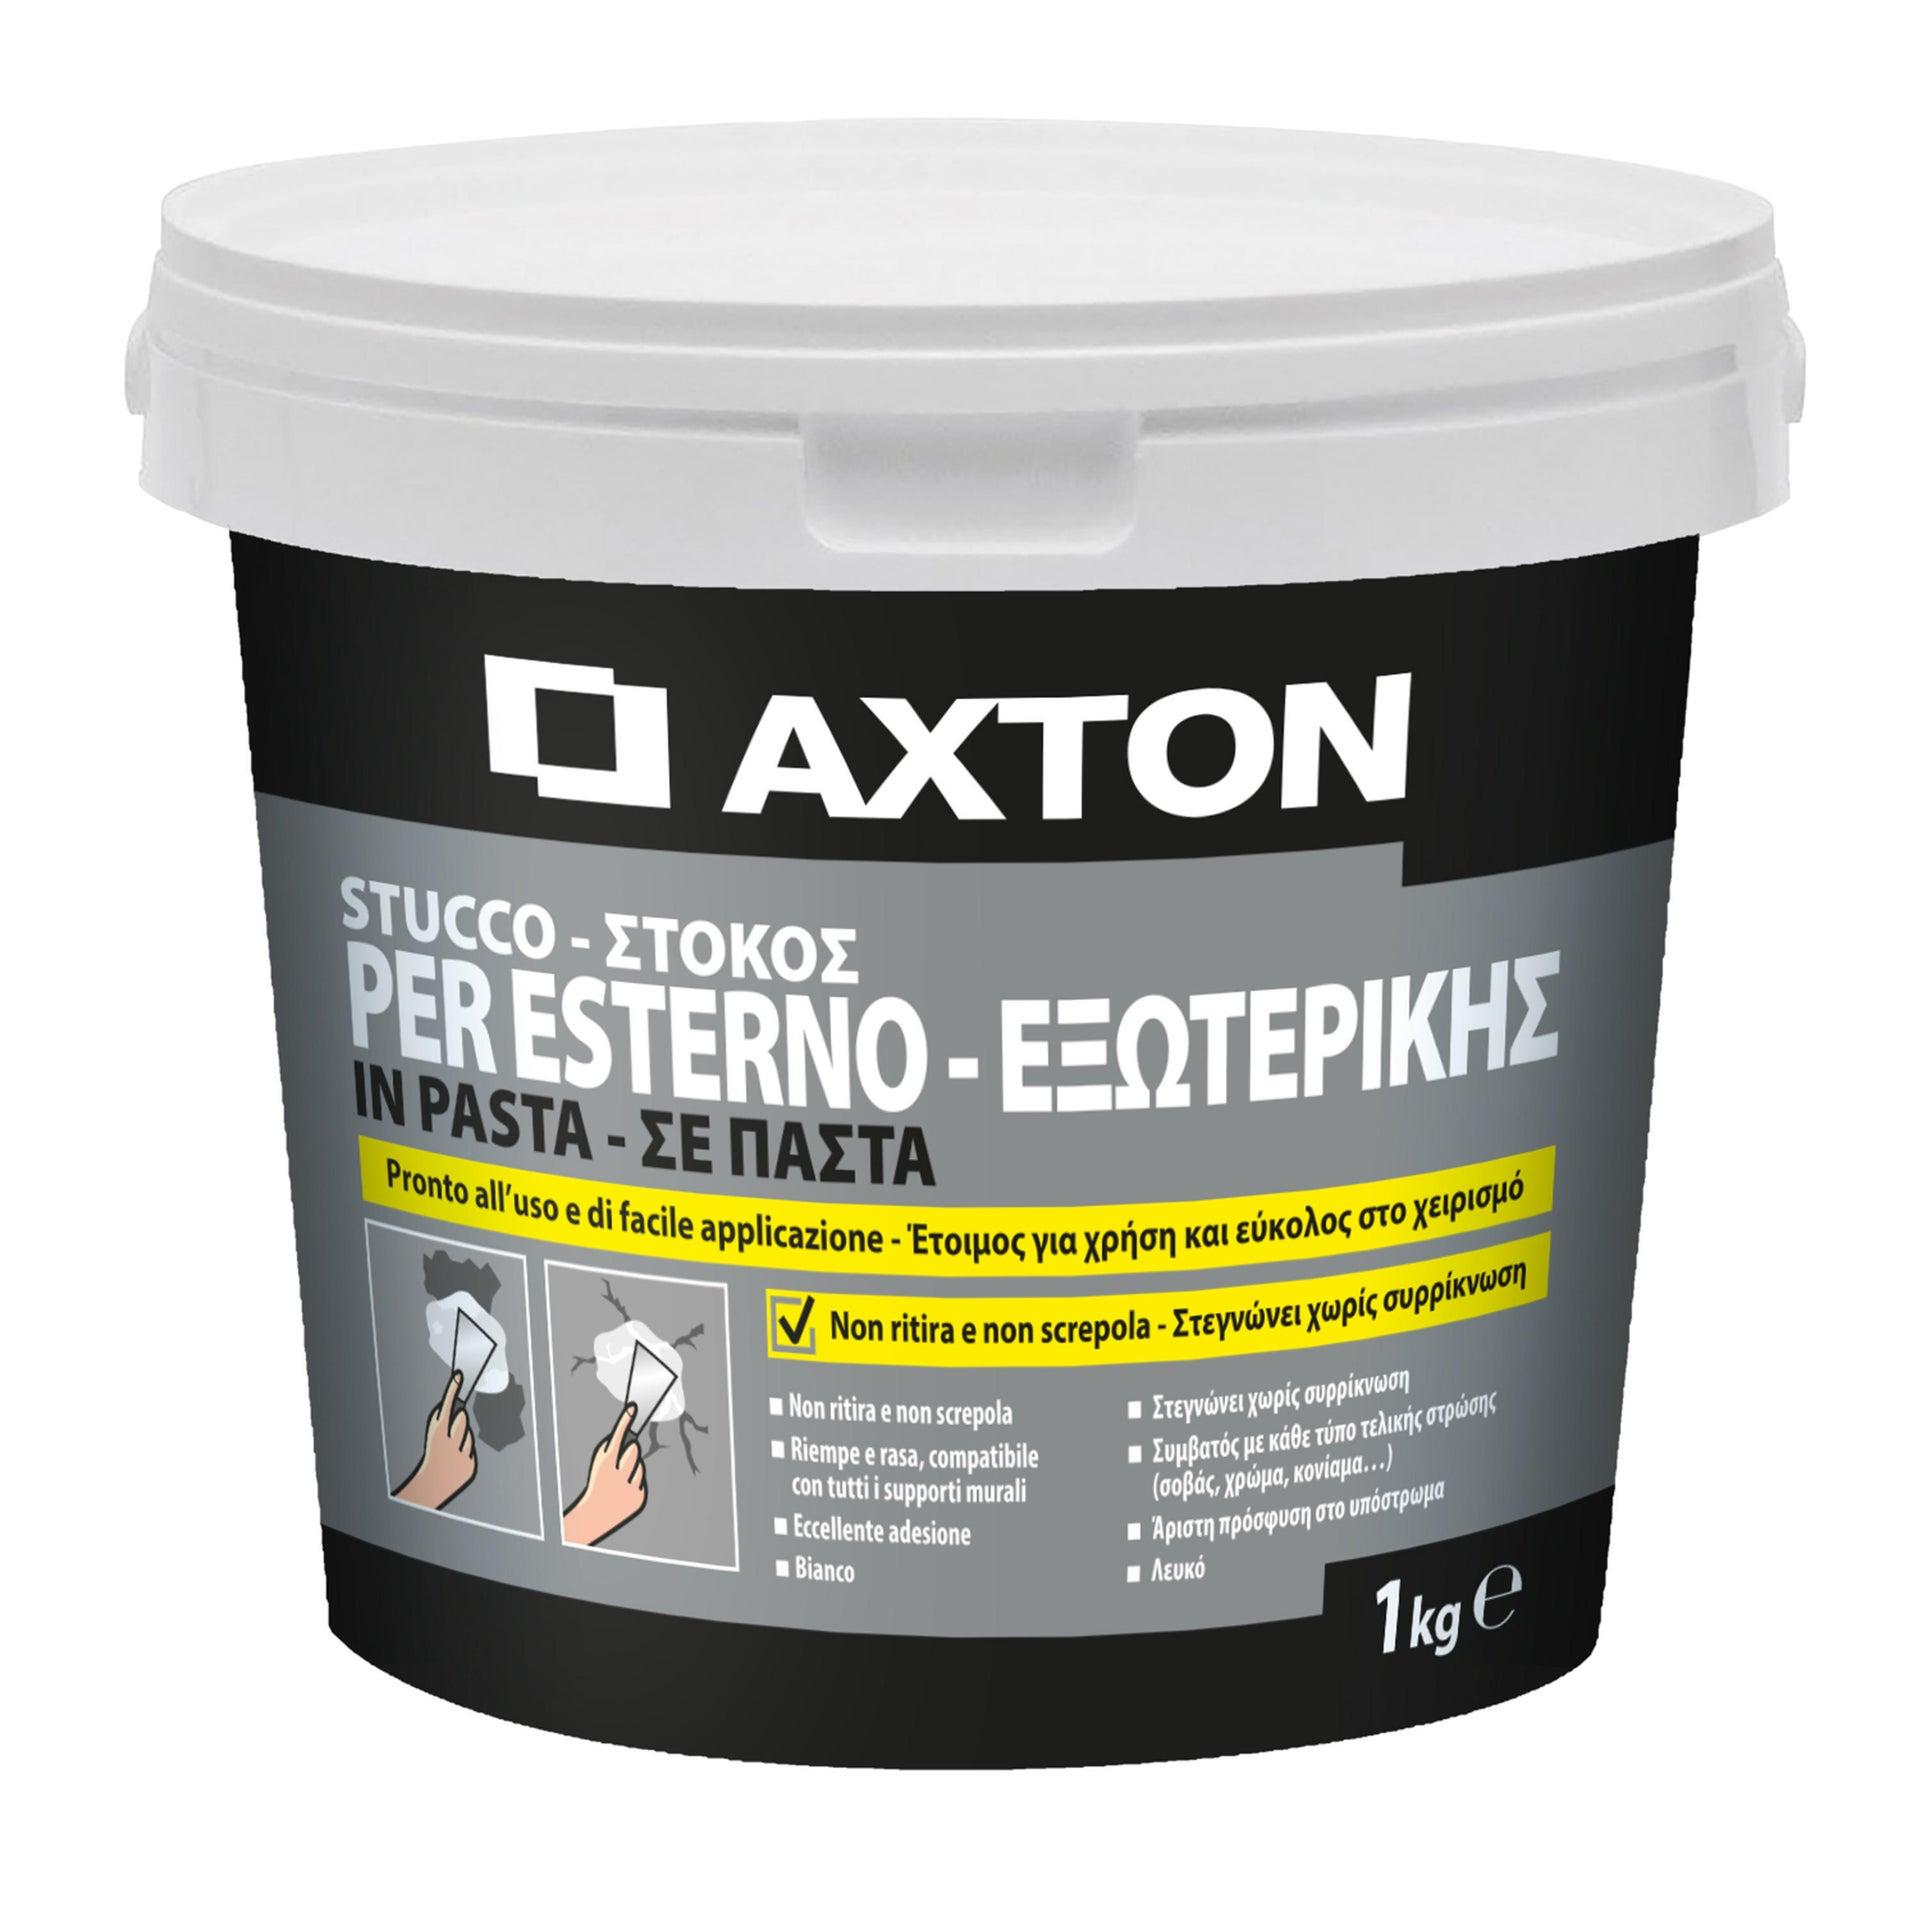 Stucco in pasta AXTON per esterno 1 kg bianco - 2